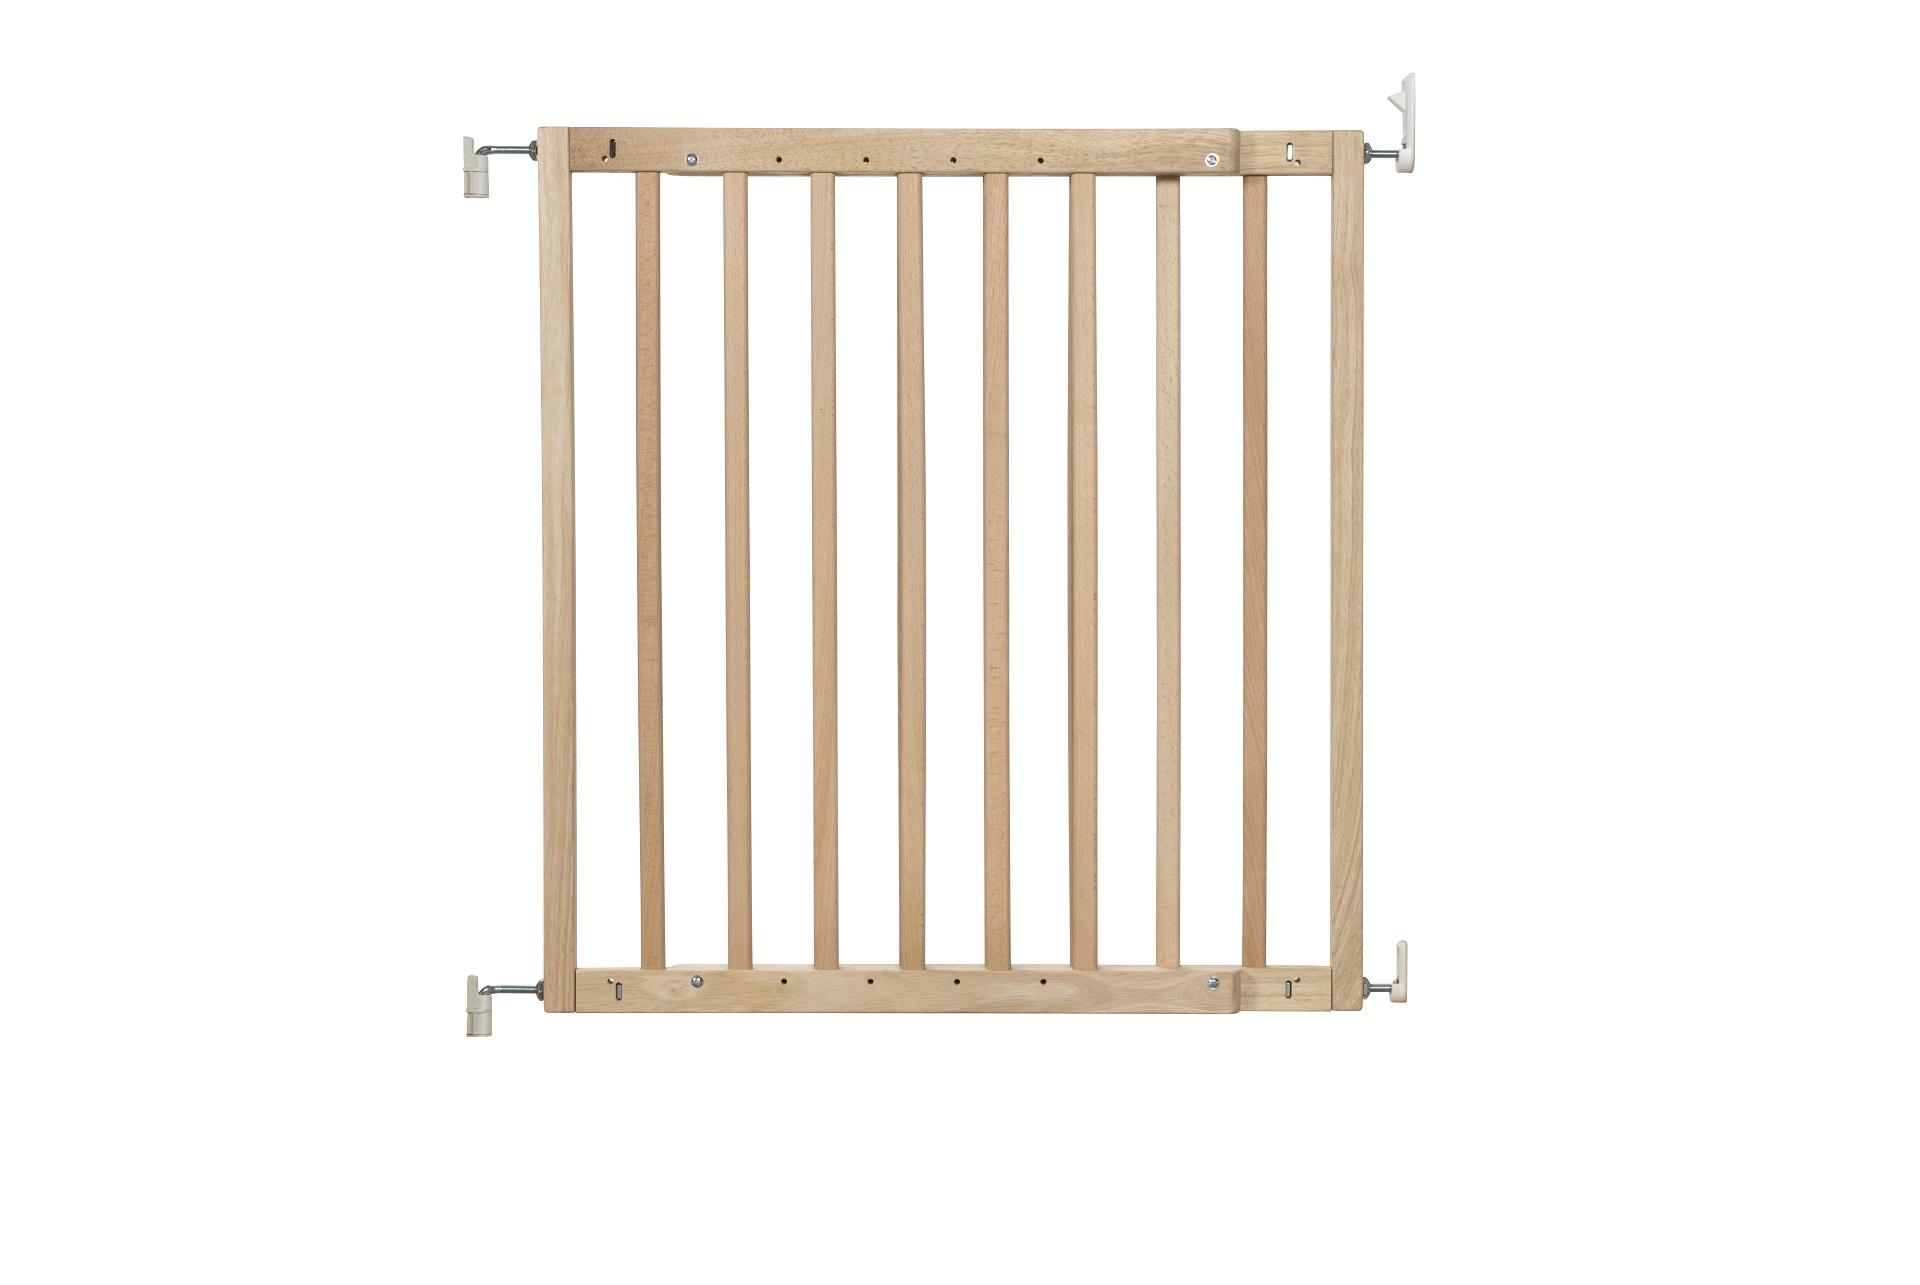 badabulle grille de s curit color pop holz natur acheter sur kidsroom b b s la maison. Black Bedroom Furniture Sets. Home Design Ideas